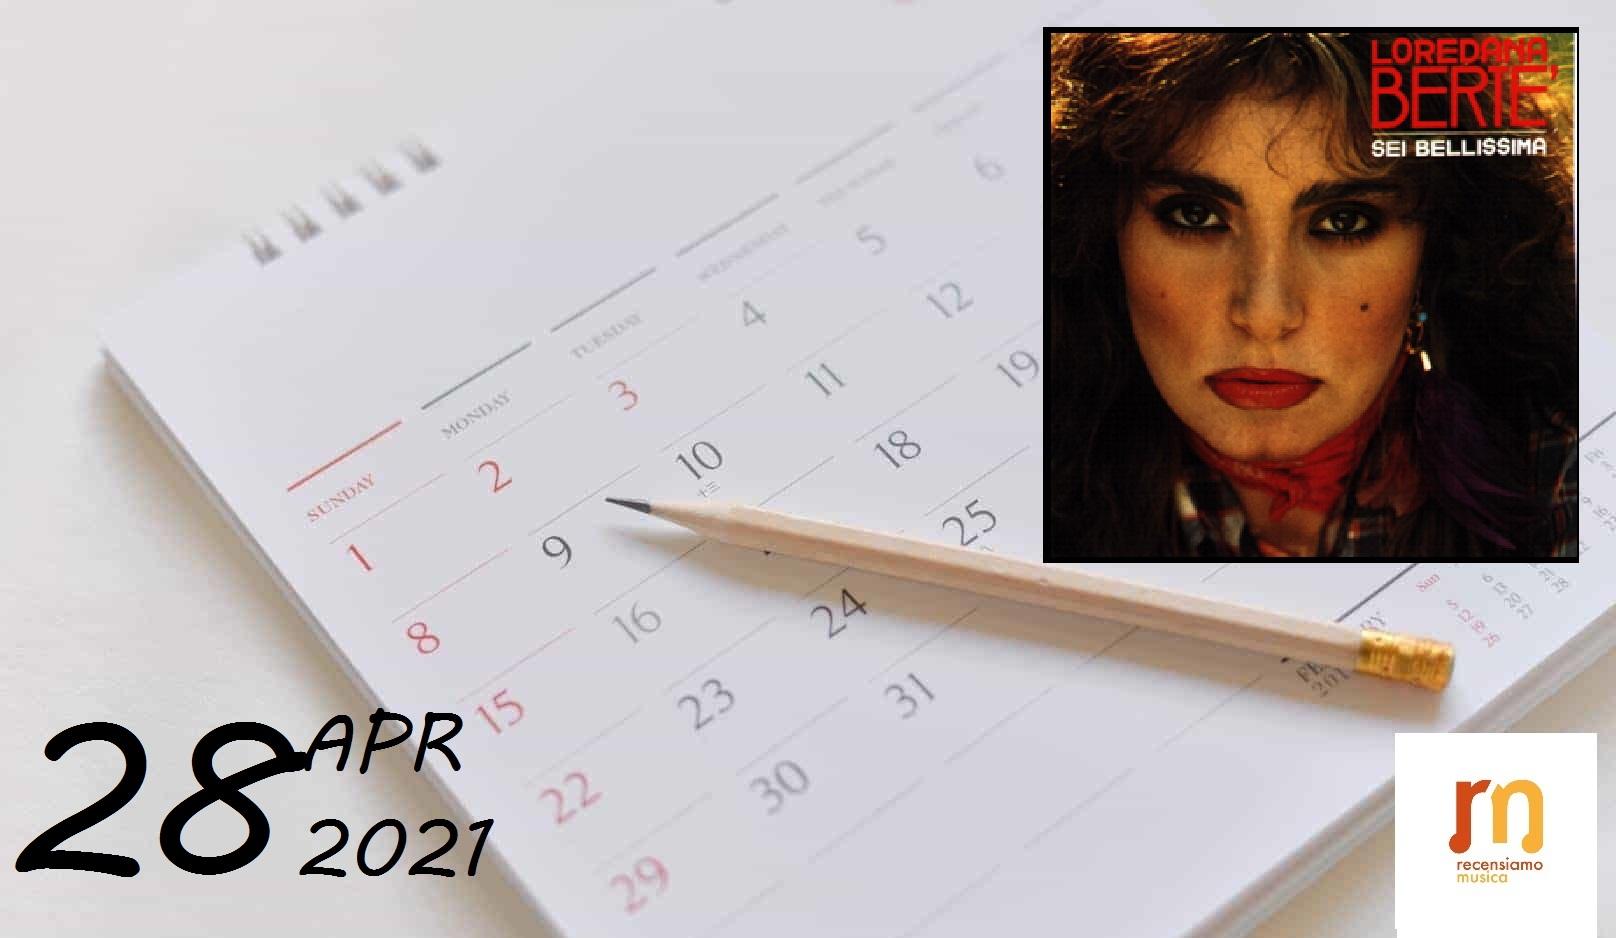 28 aprile